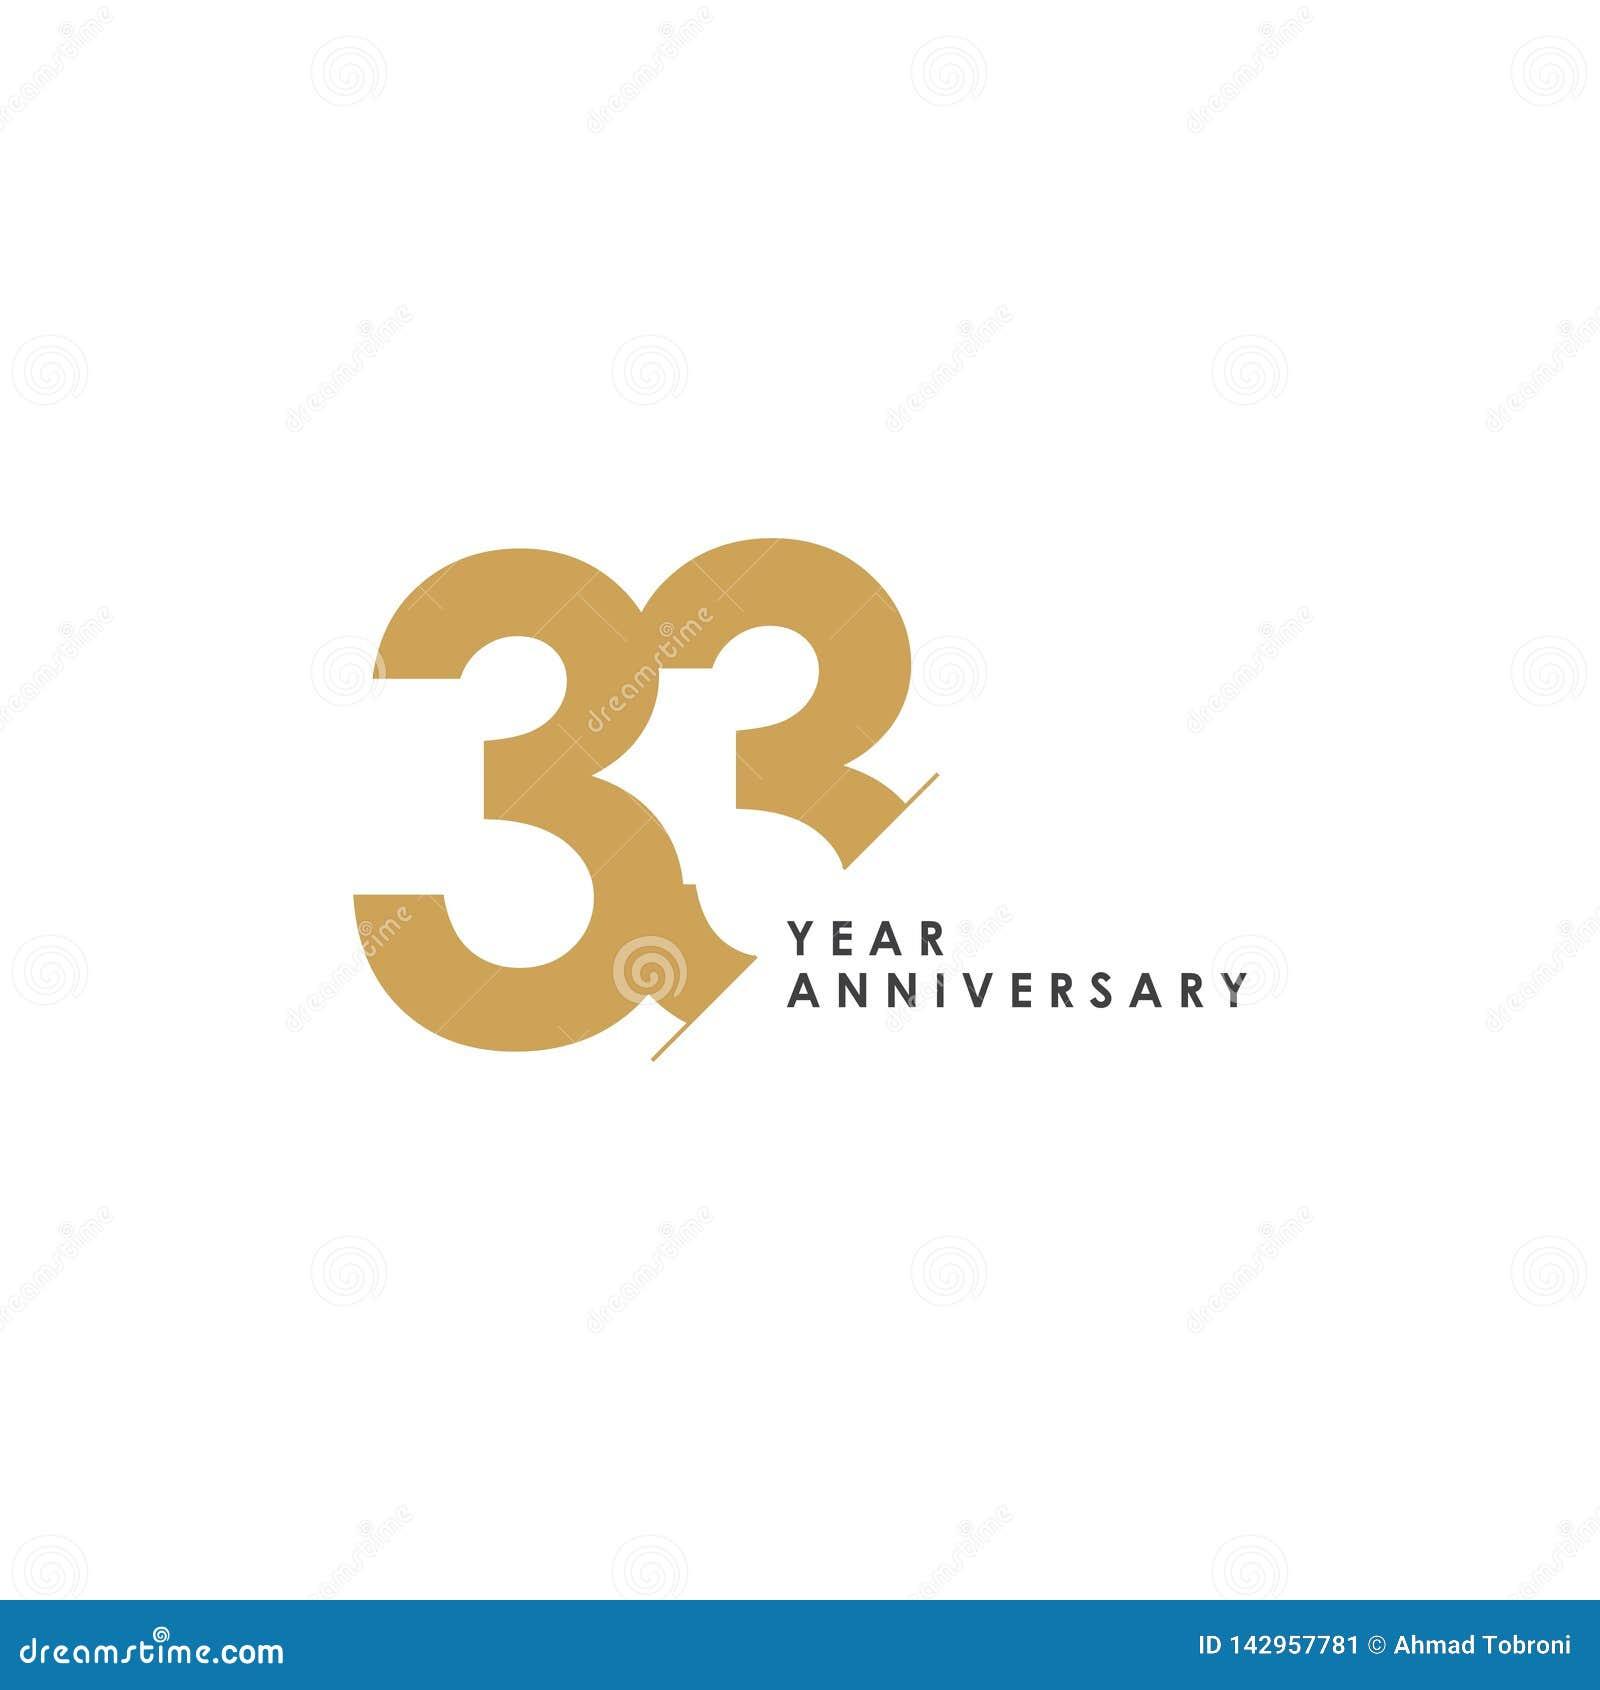 Anniversario Matrimonio 33 Anni.Illustrazione Di Progettazione Del Modello Di Vettore Di